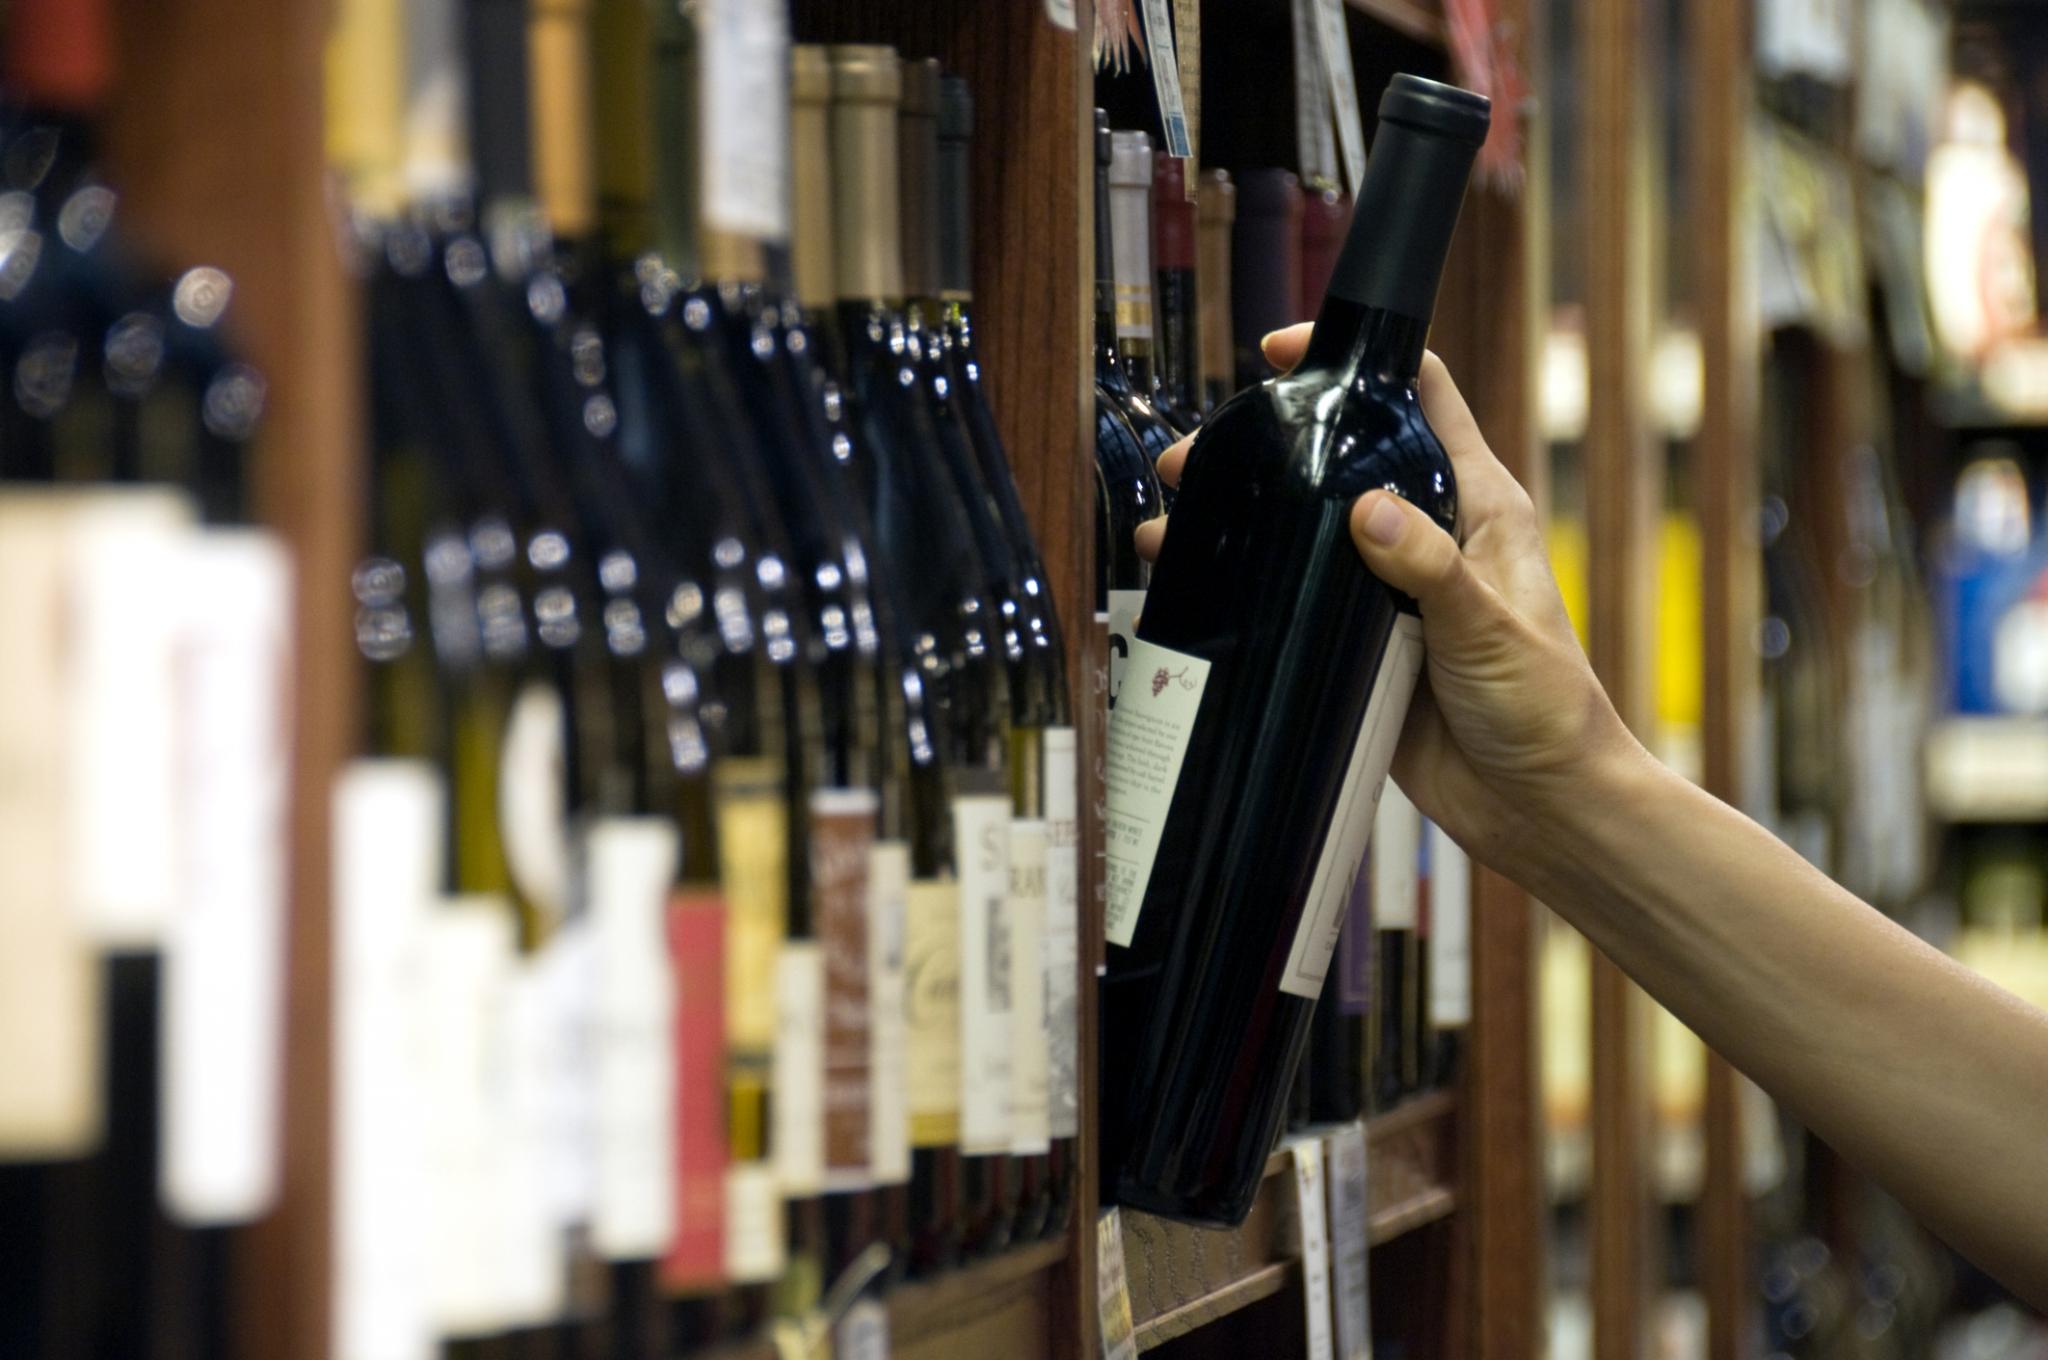 Continúa en alza el consumo de vinos en Argentina